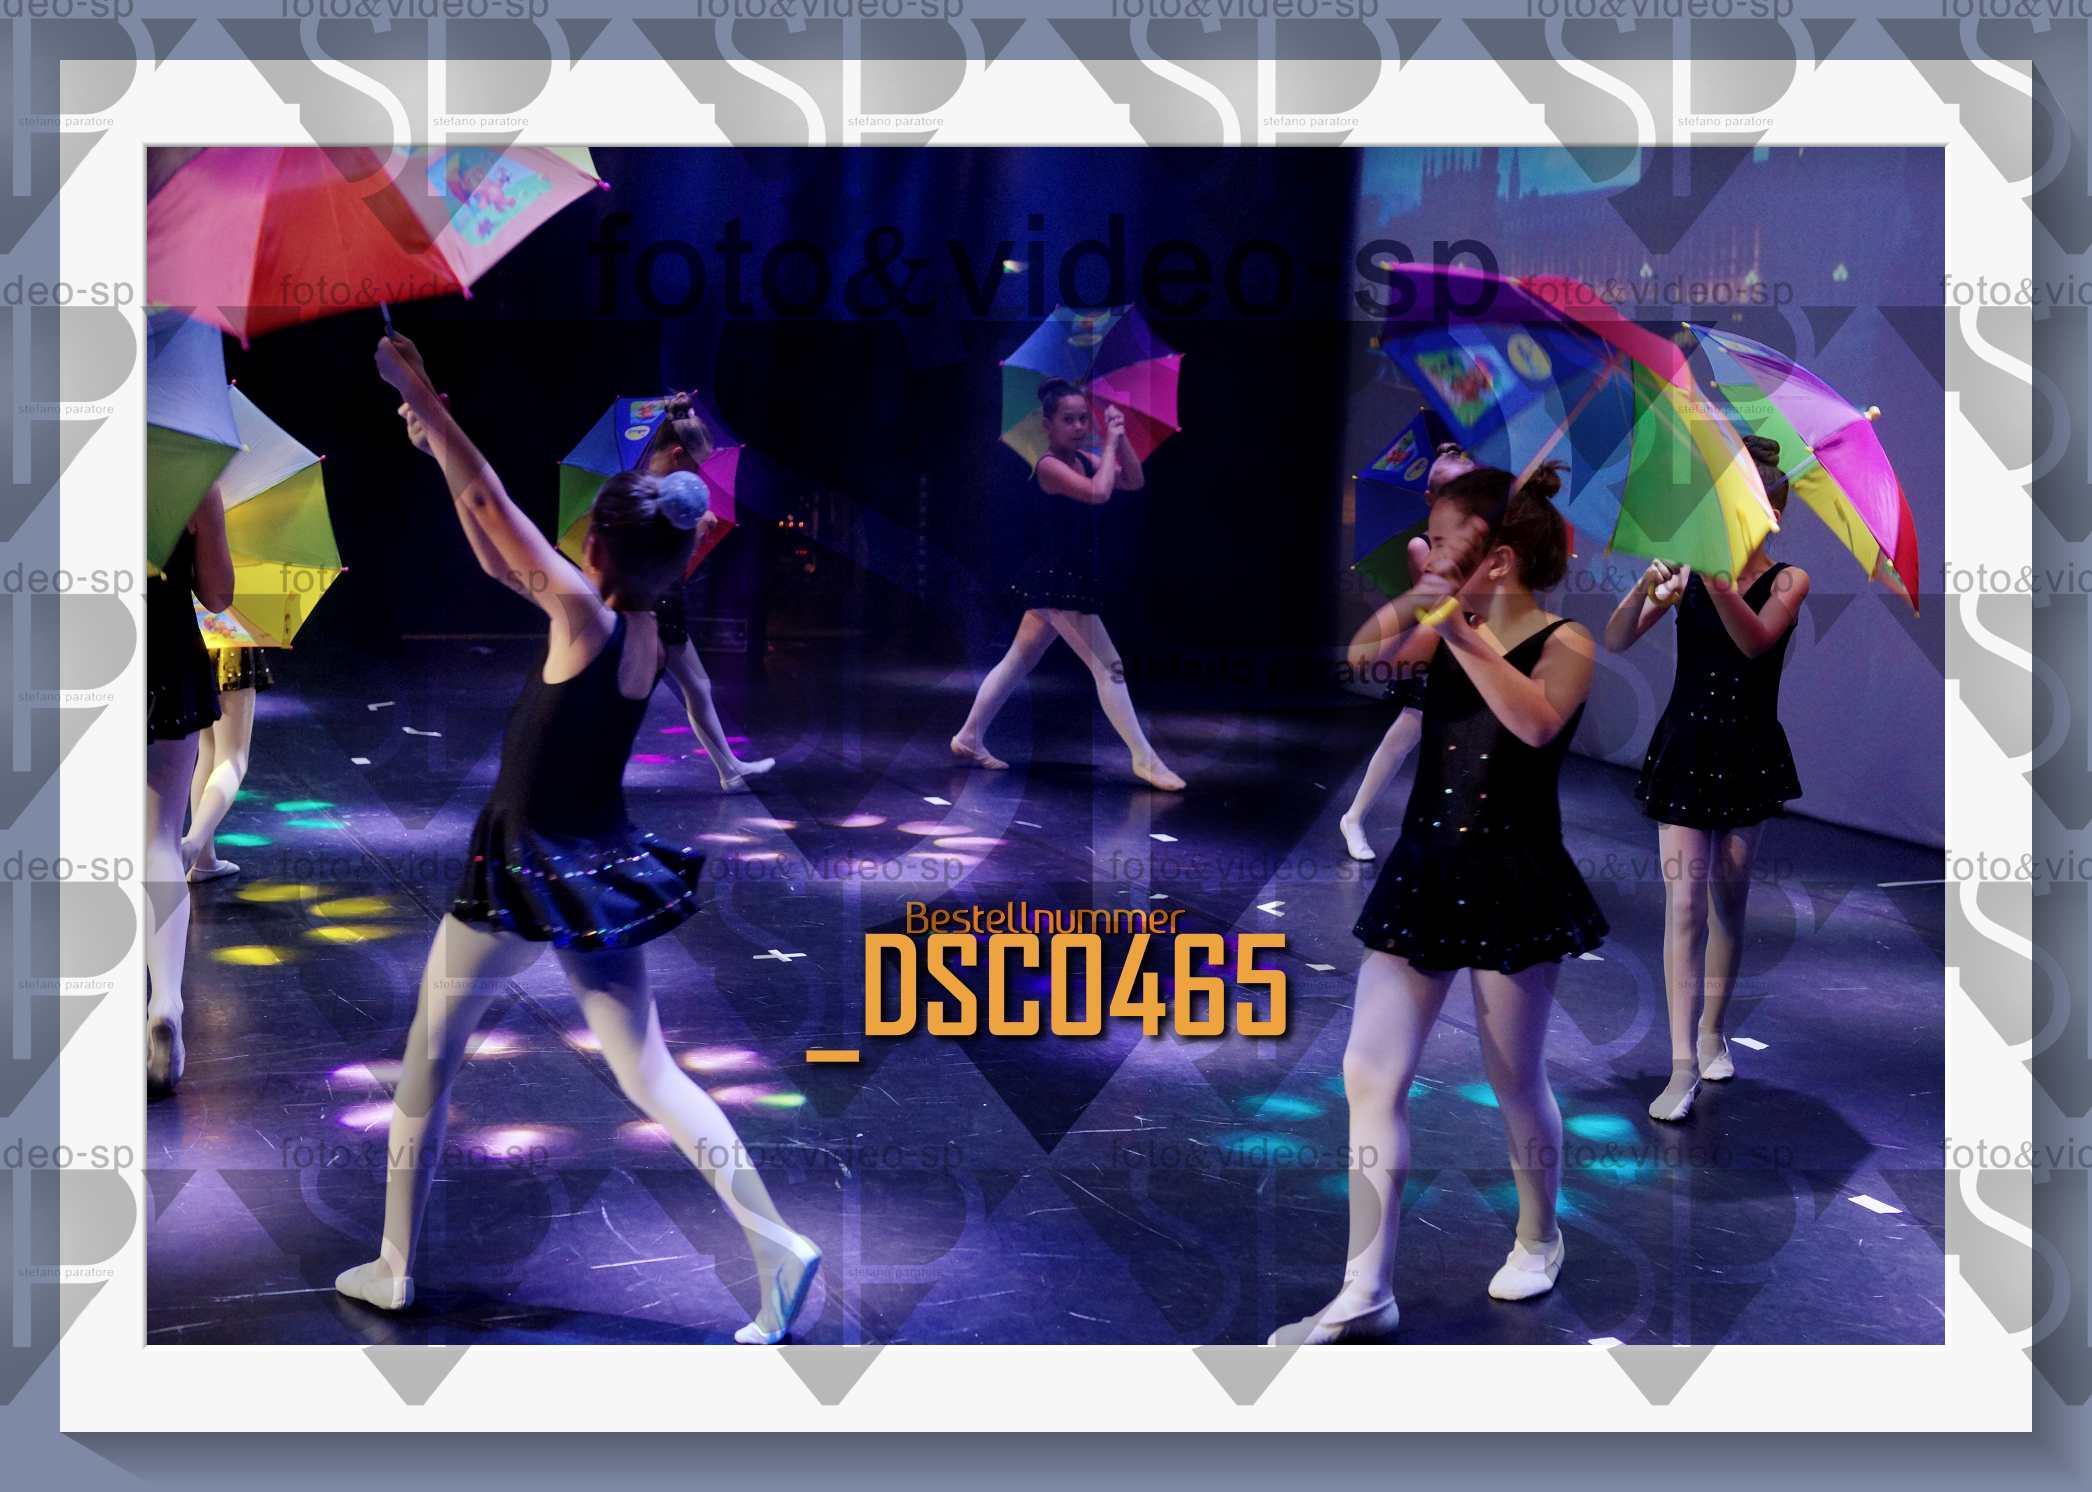 DSC0465